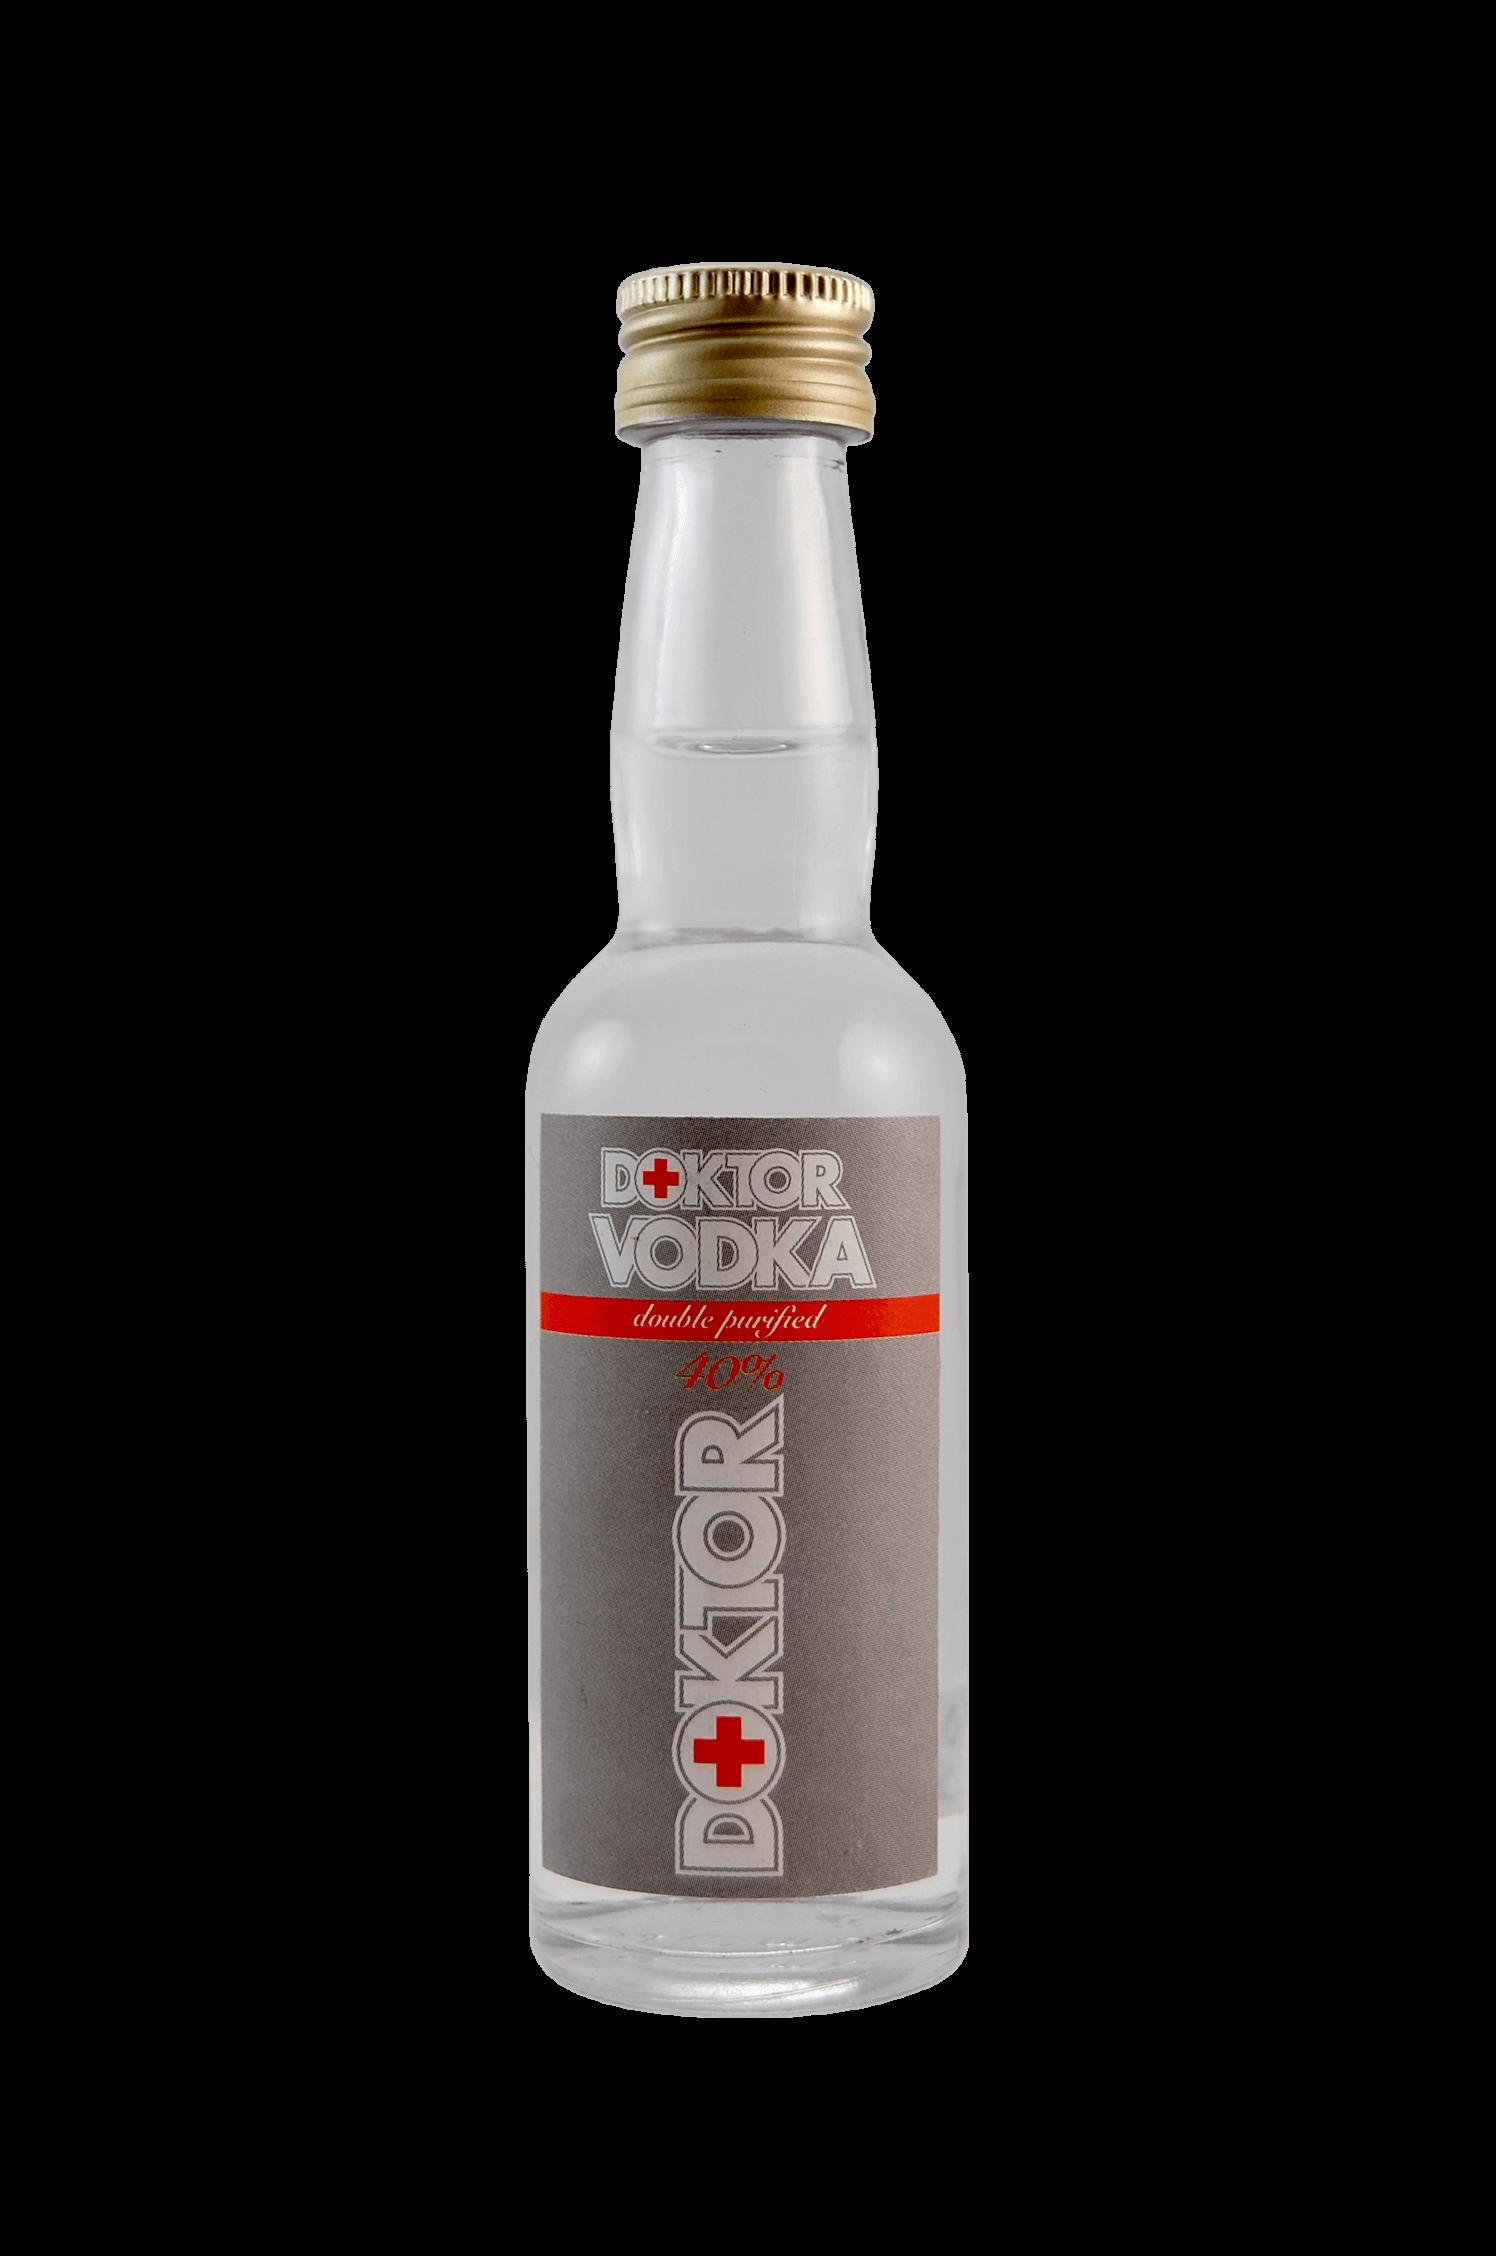 Doktor Vodka